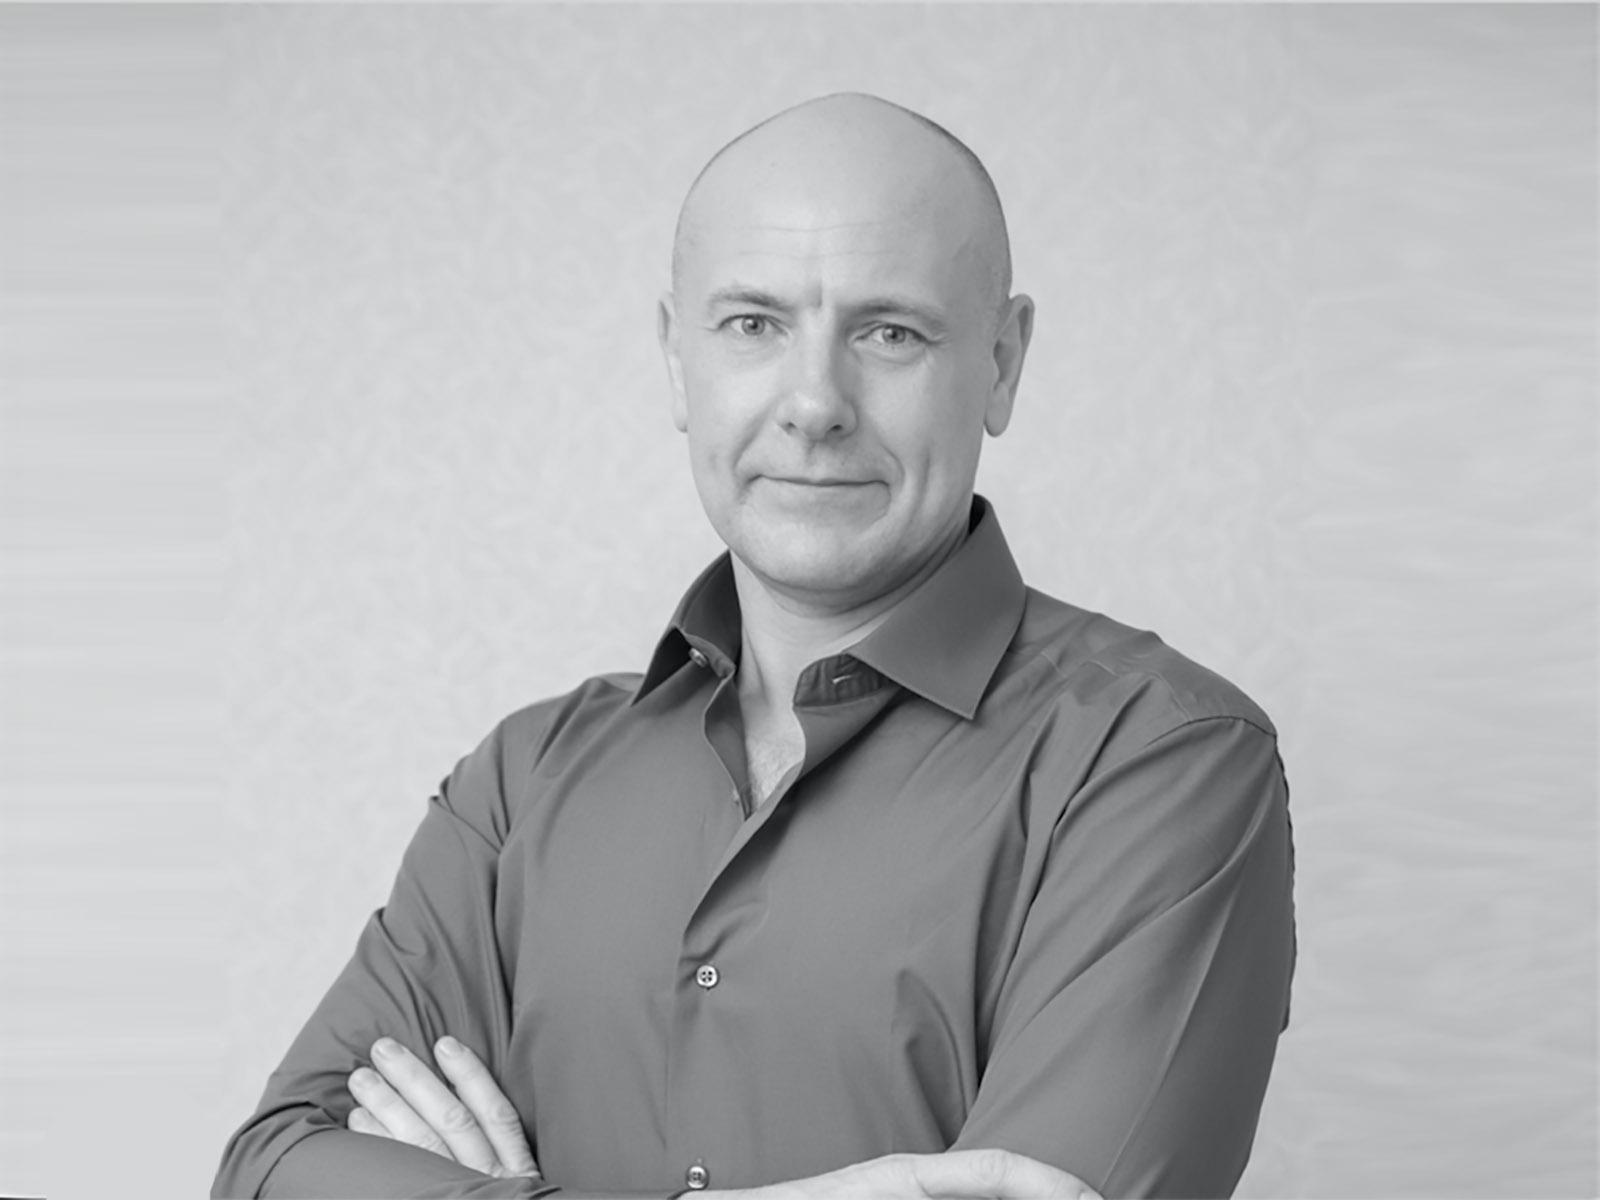 Георгий Гунтер, со-основатель компании DistingTec